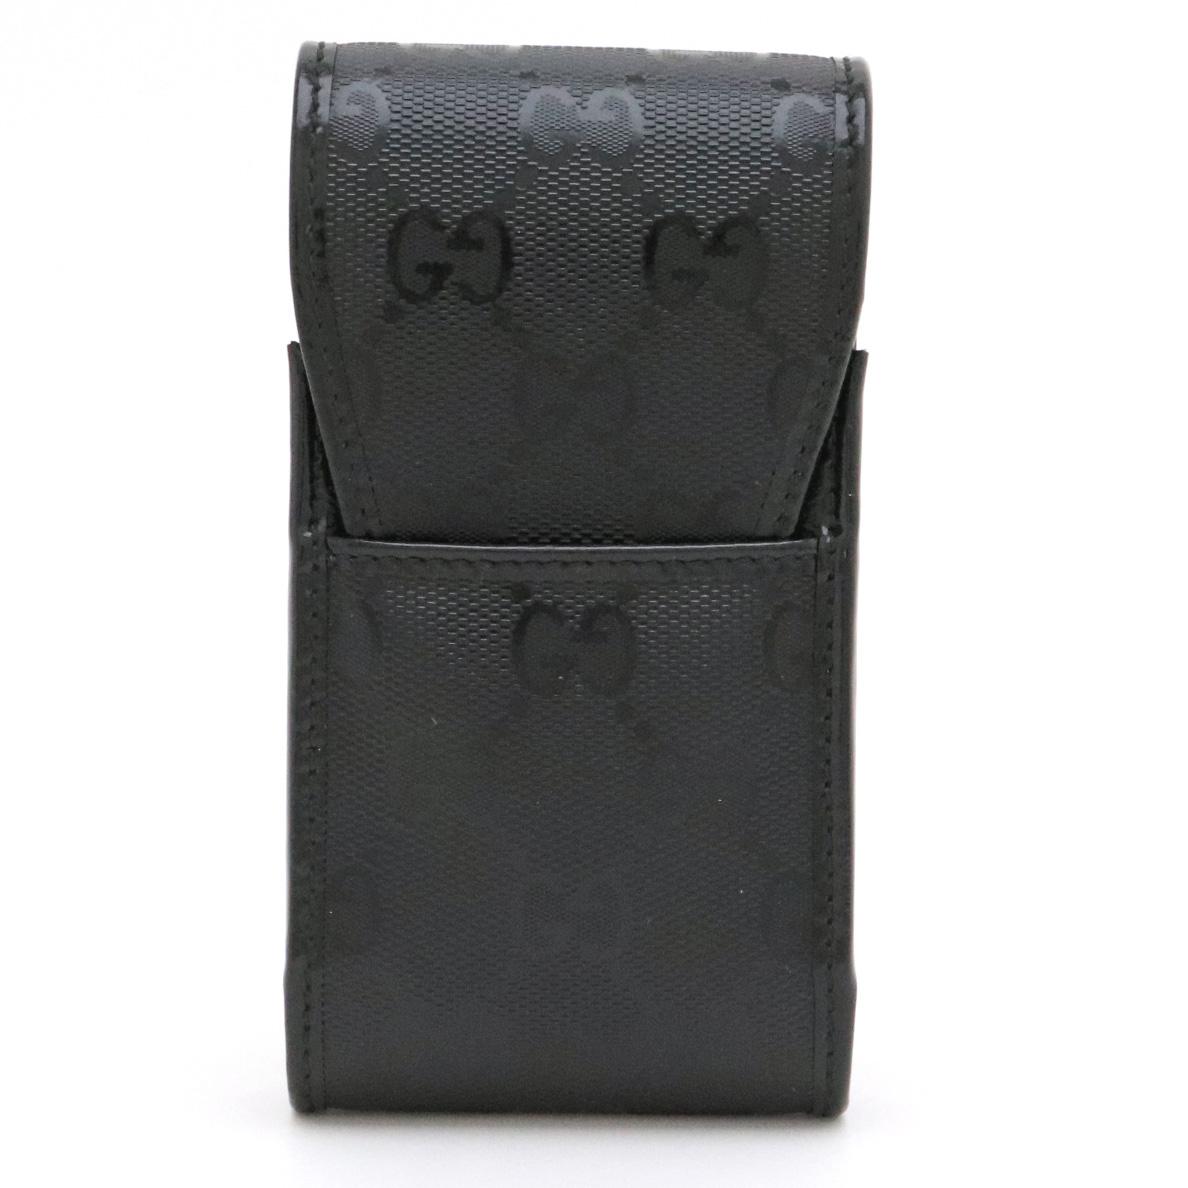 GUCCI グッチ GGインプリメ シガレットケース タバコケース iQOSケース アイコスケース PVC レザー 黒 ブラック 181716 【中古】